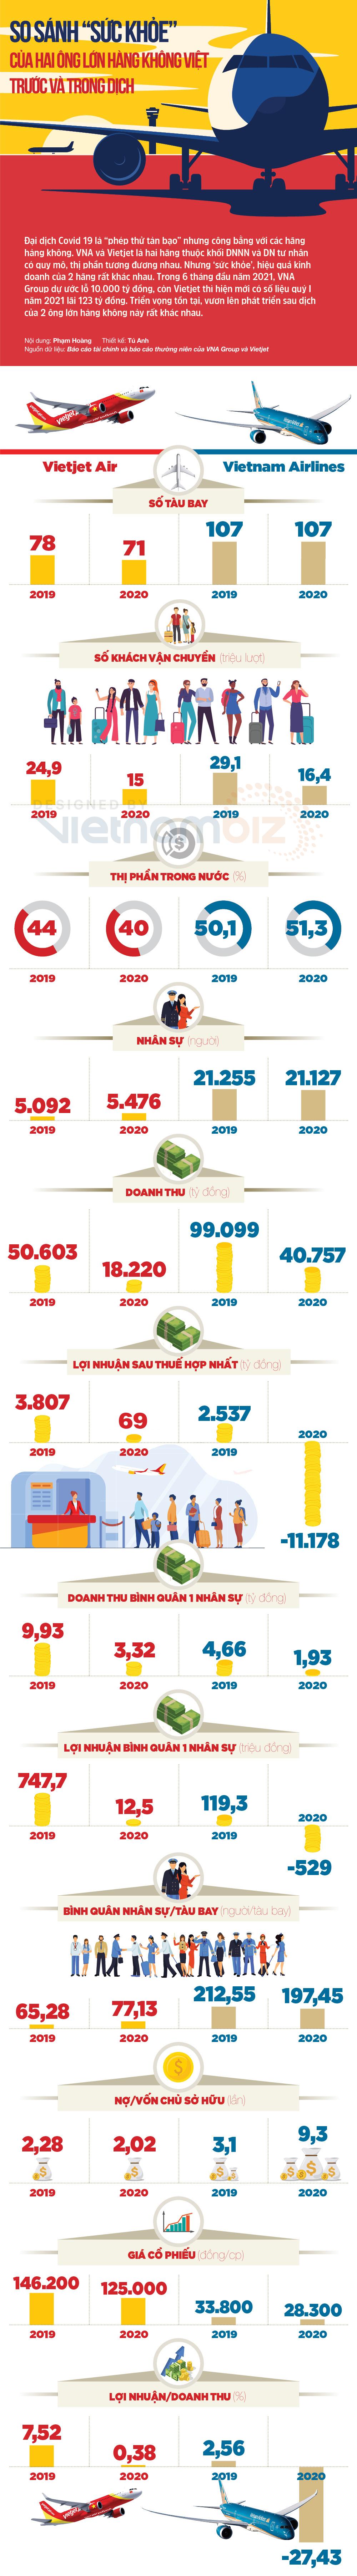 So sánh sức khỏe của hai ông lớn hàng không Việt trước và trong dịch - Ảnh 1.